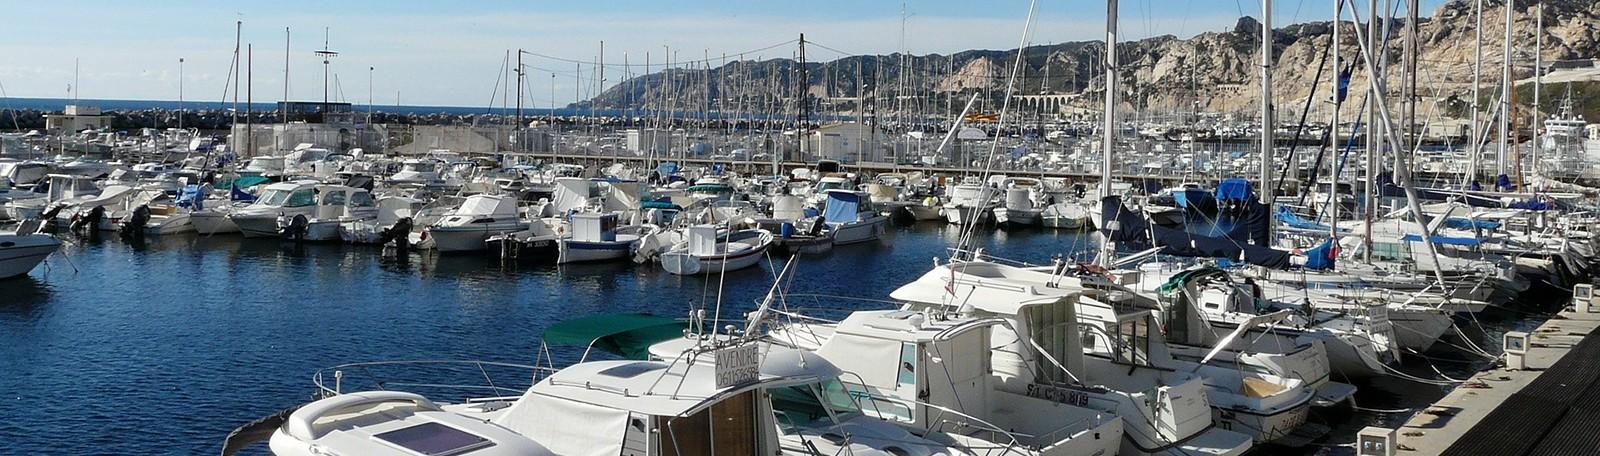 Q-Park Estienne d'Orves - Place aux Huiles 13001 Marseille